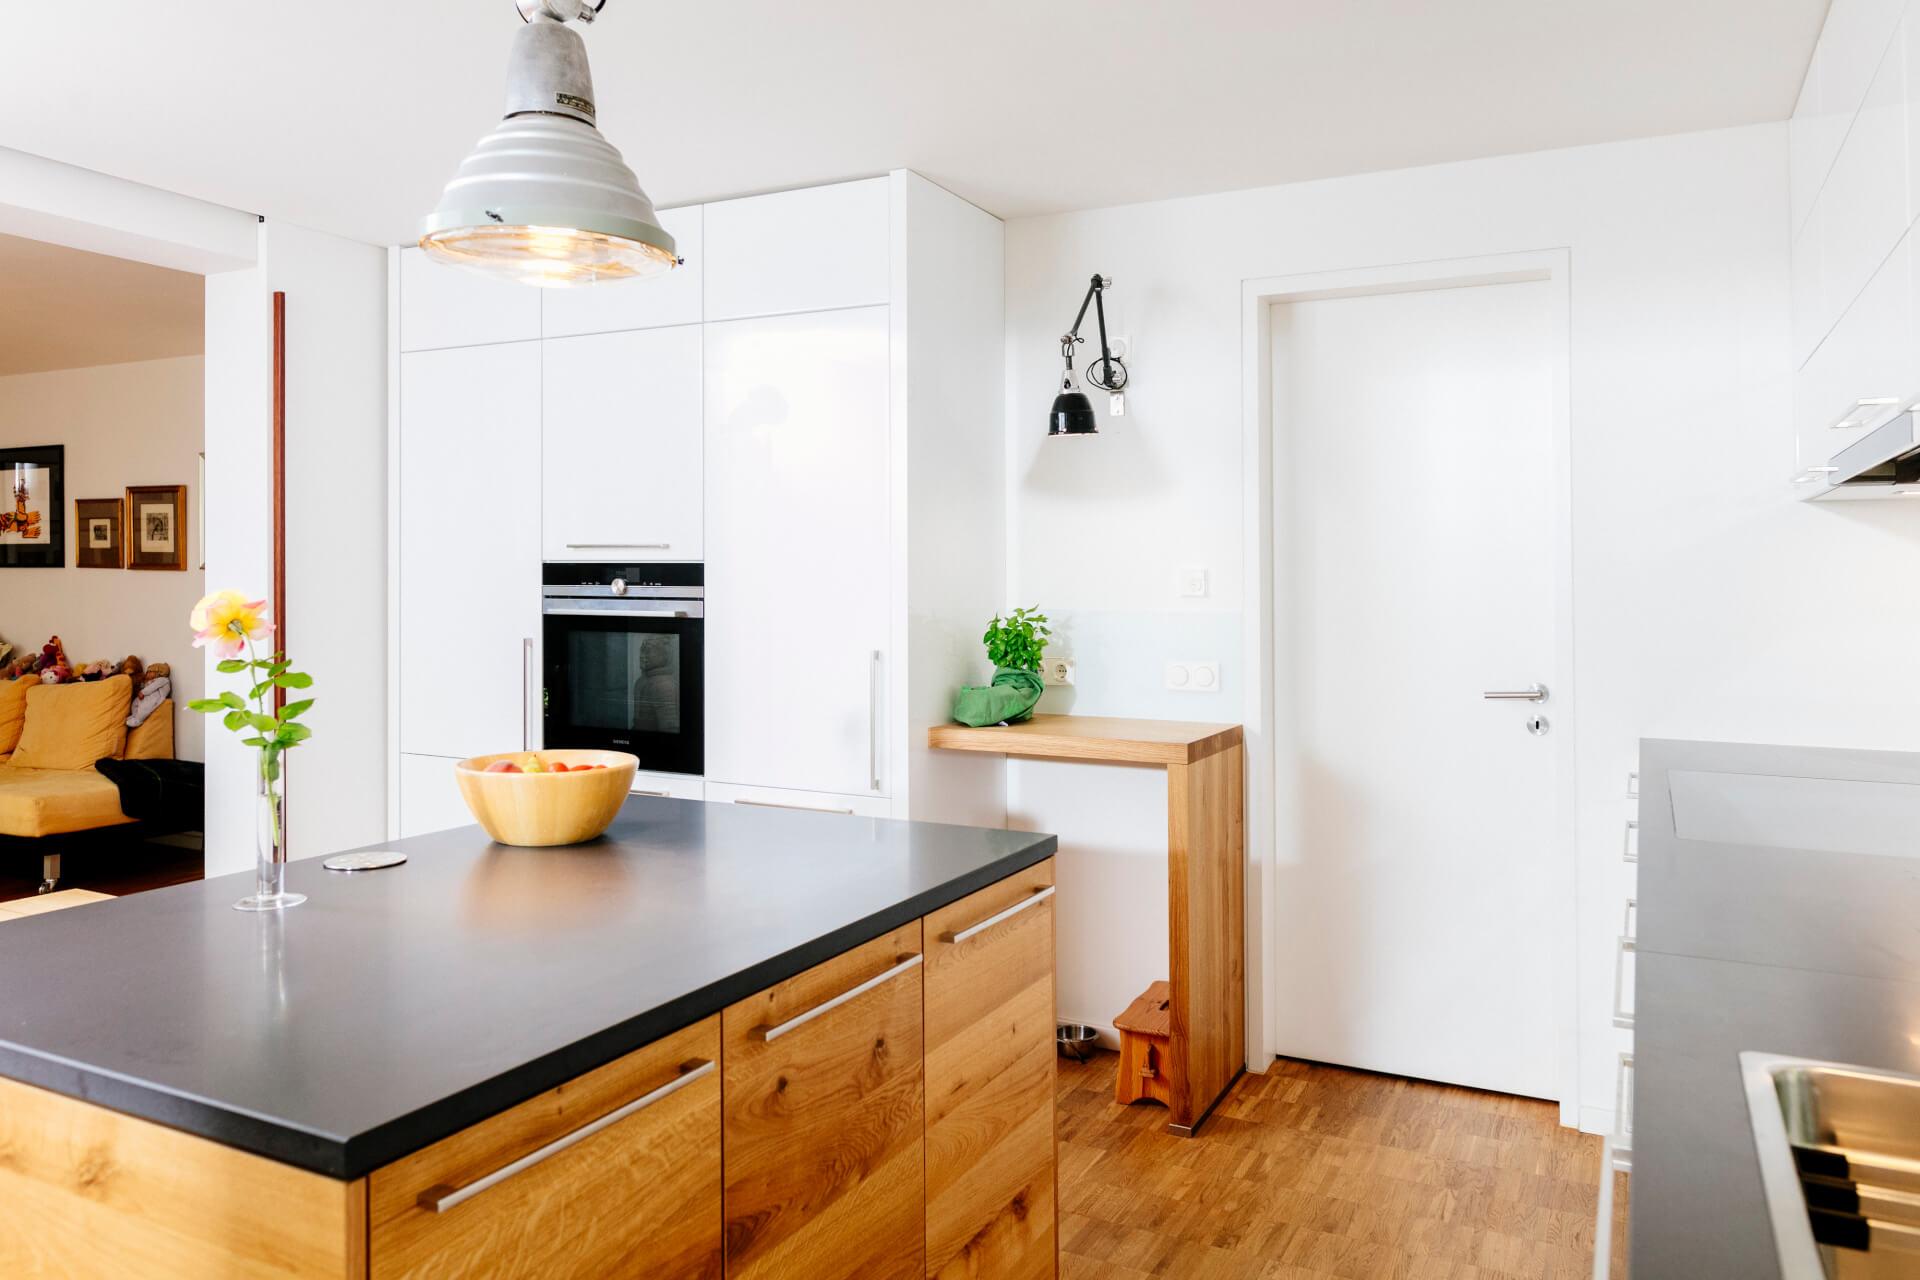 Full Size of Freistehende Küchen Thymian Moderne Kche Mit Klarer Linie Ratiomat Küche Regal Wohnzimmer Freistehende Küchen